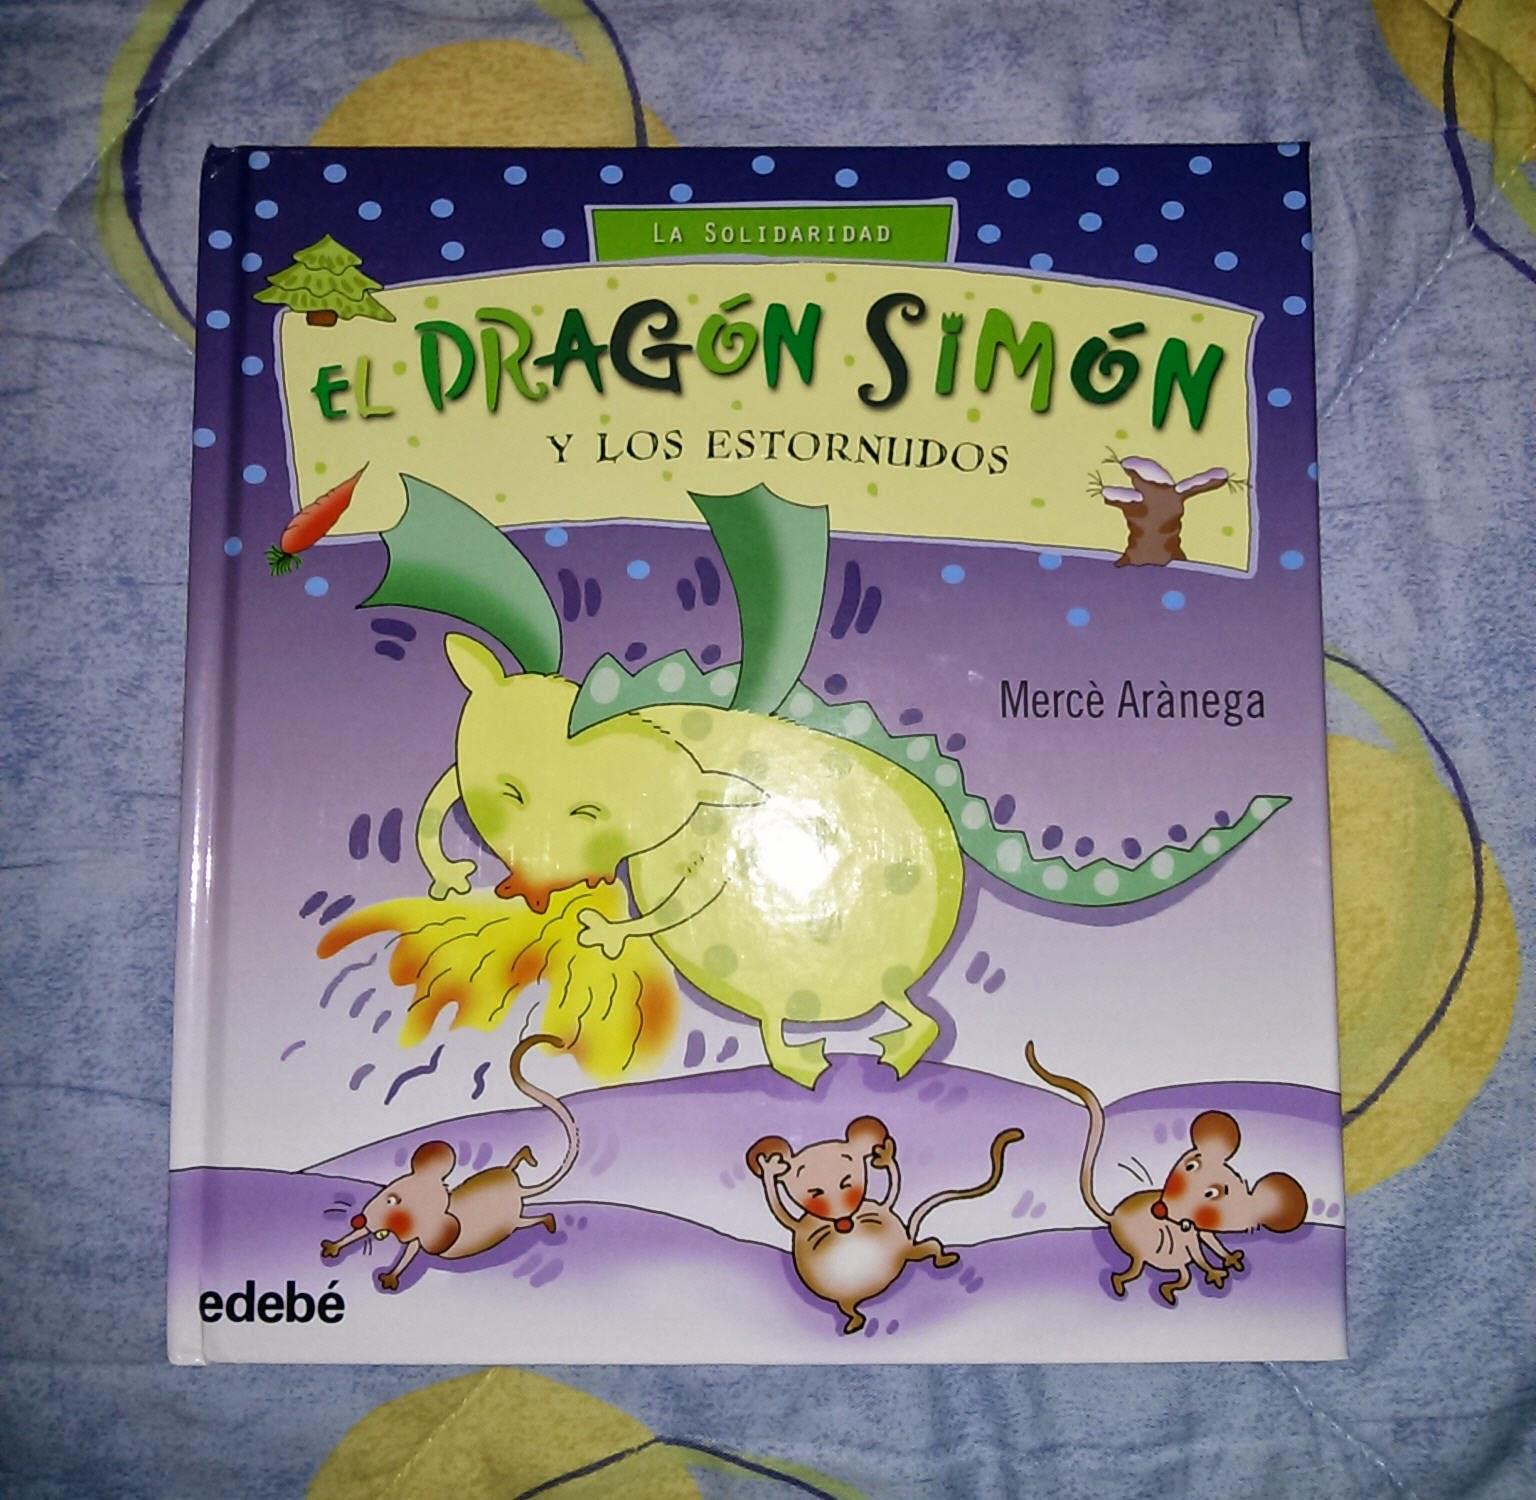 El Dragón Simón y los estornudos